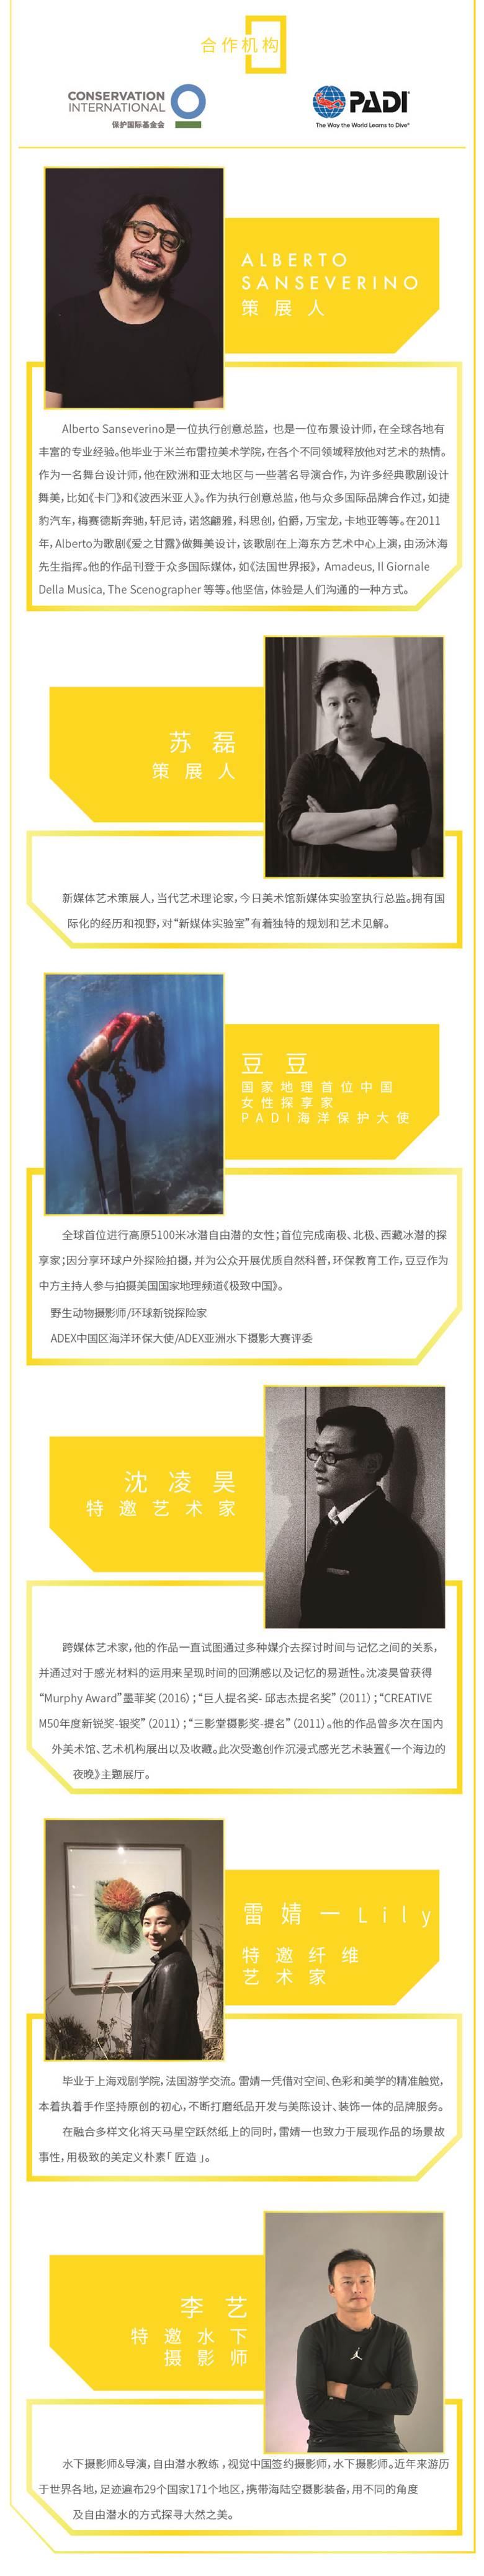 深蓝海报最新小-2.jpg